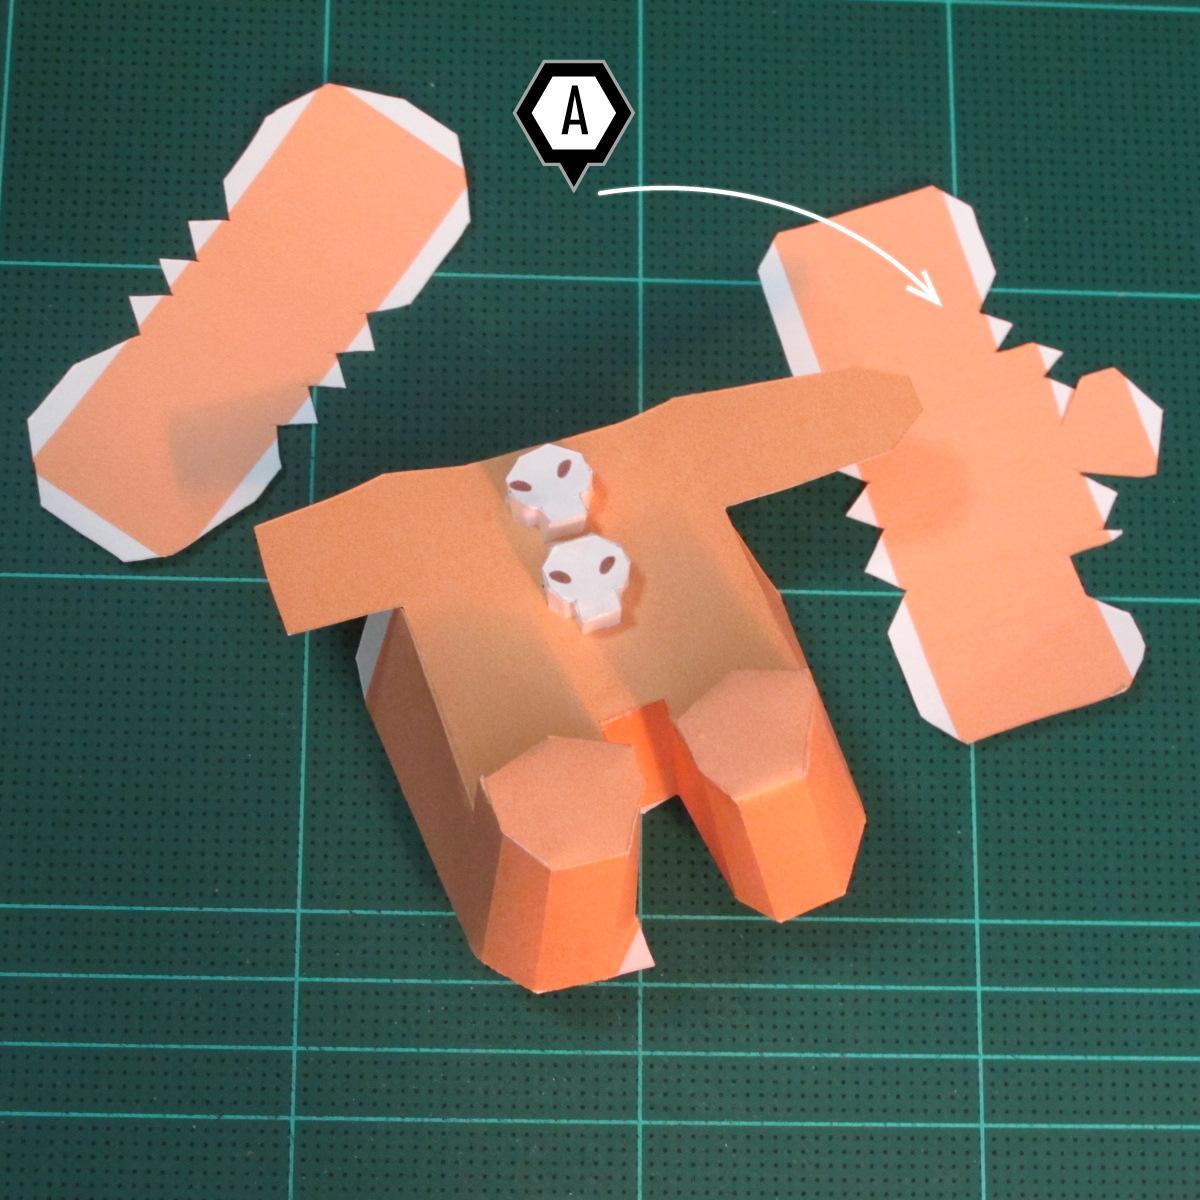 วิธีทำโมเดลกระดาษตุ้กตาคุกกี้รัน คุกกี้ผู้กล้าหาญ แบบที่ 2 (LINE Cookie Run Brave Cookie Papercraft Model Version 2) 015